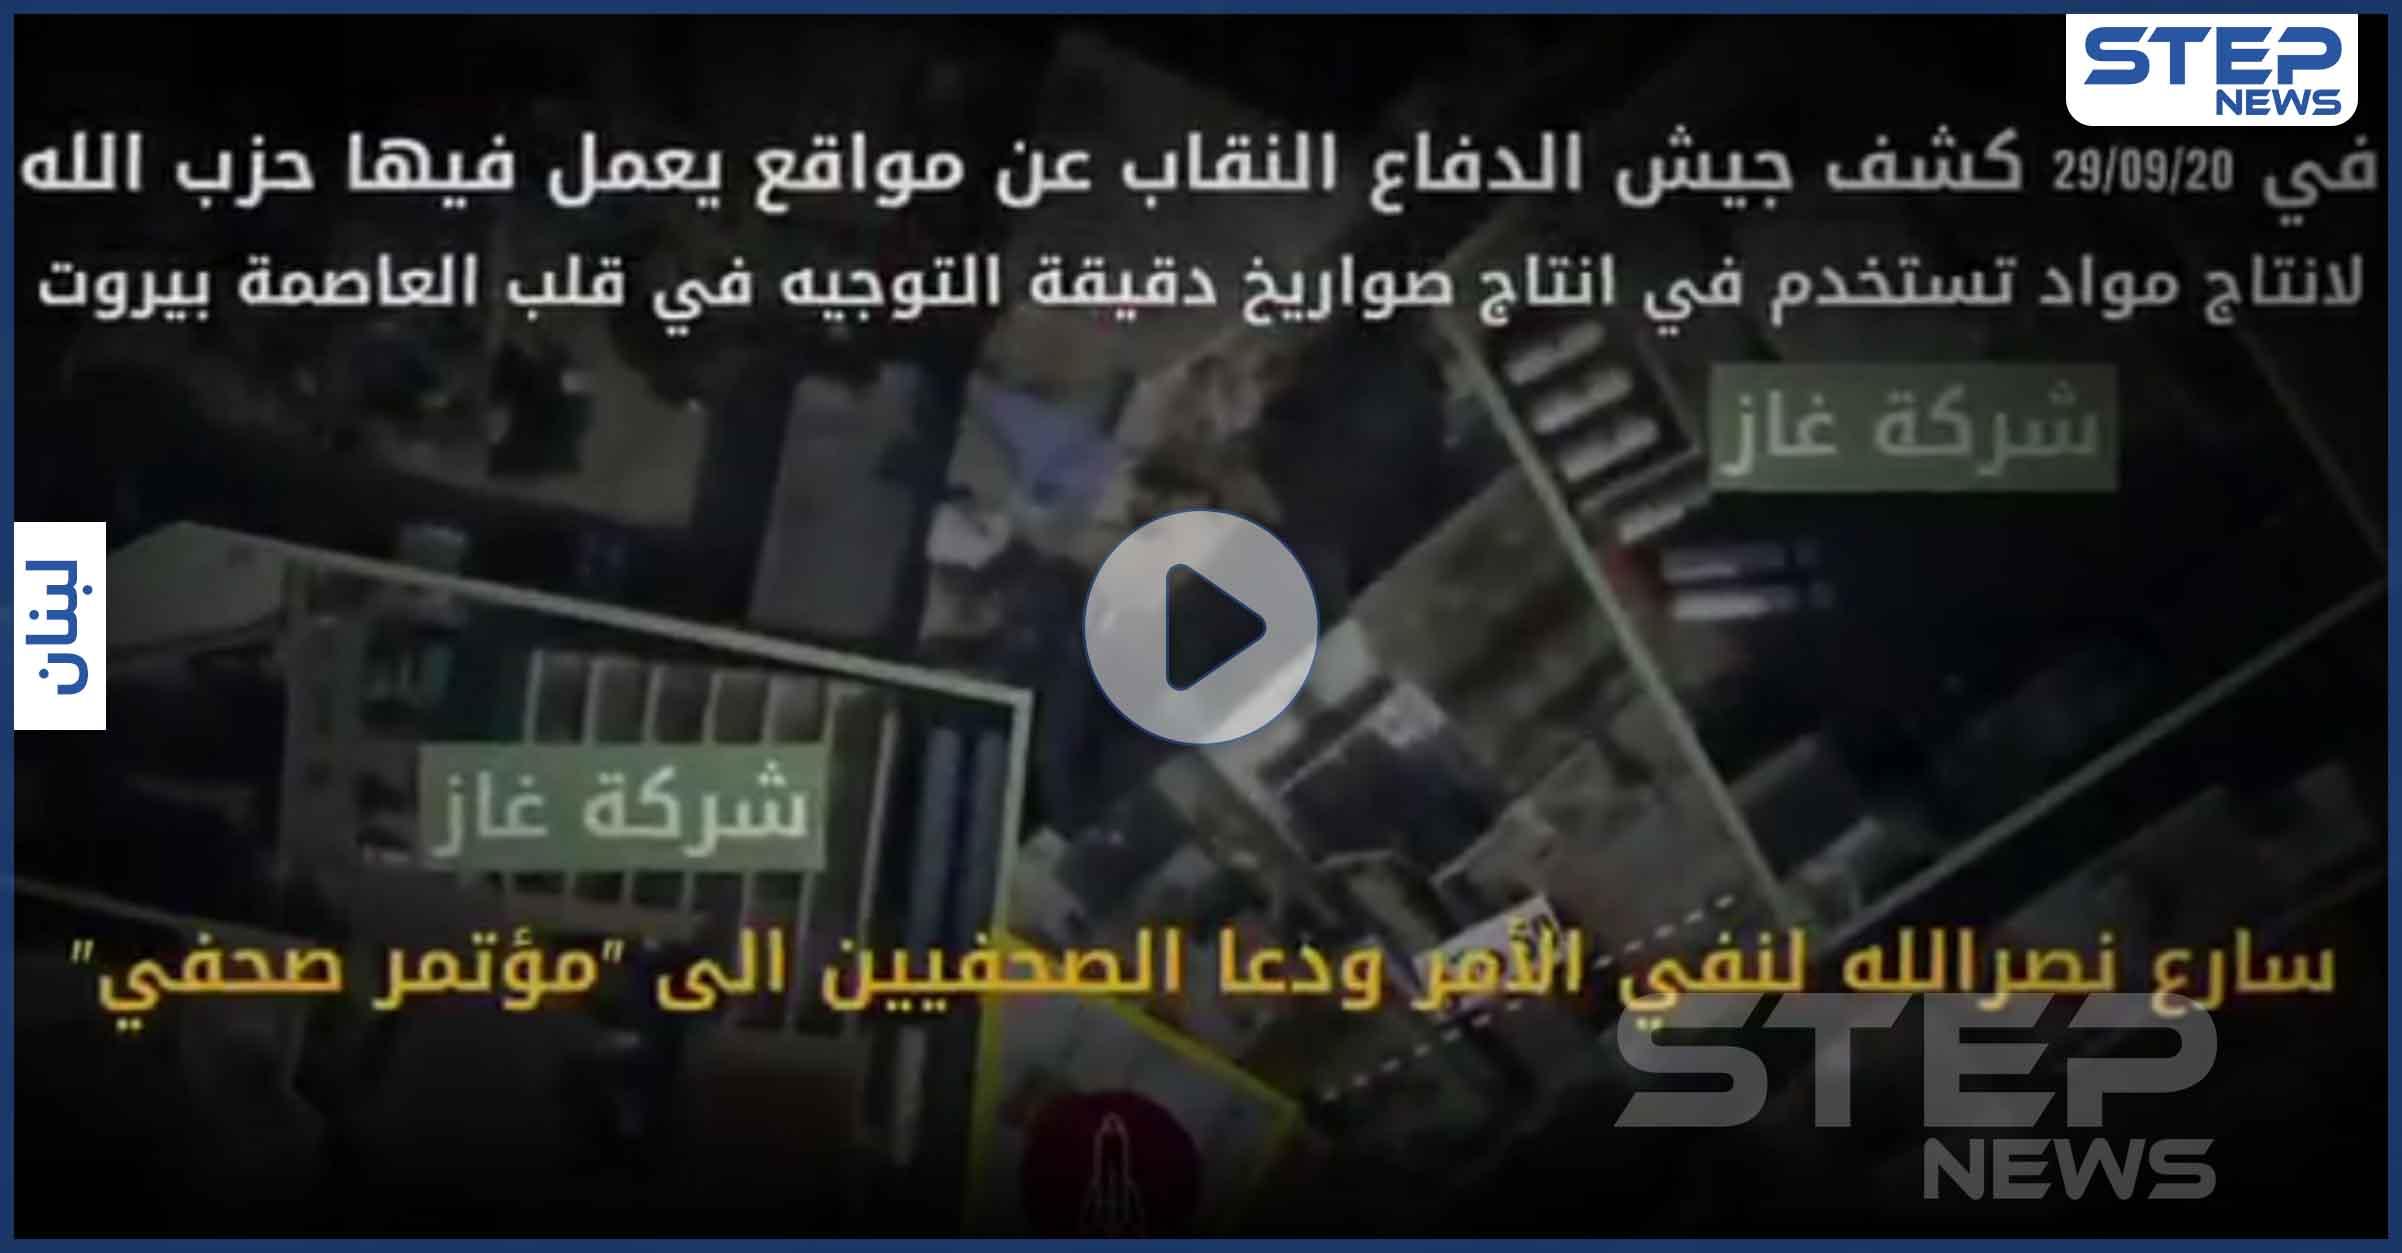 بالفيديو|| بيروت قنبلة موقوتة.. إسرائيل تكشف ما يهدد بــ كارثة على لبنان